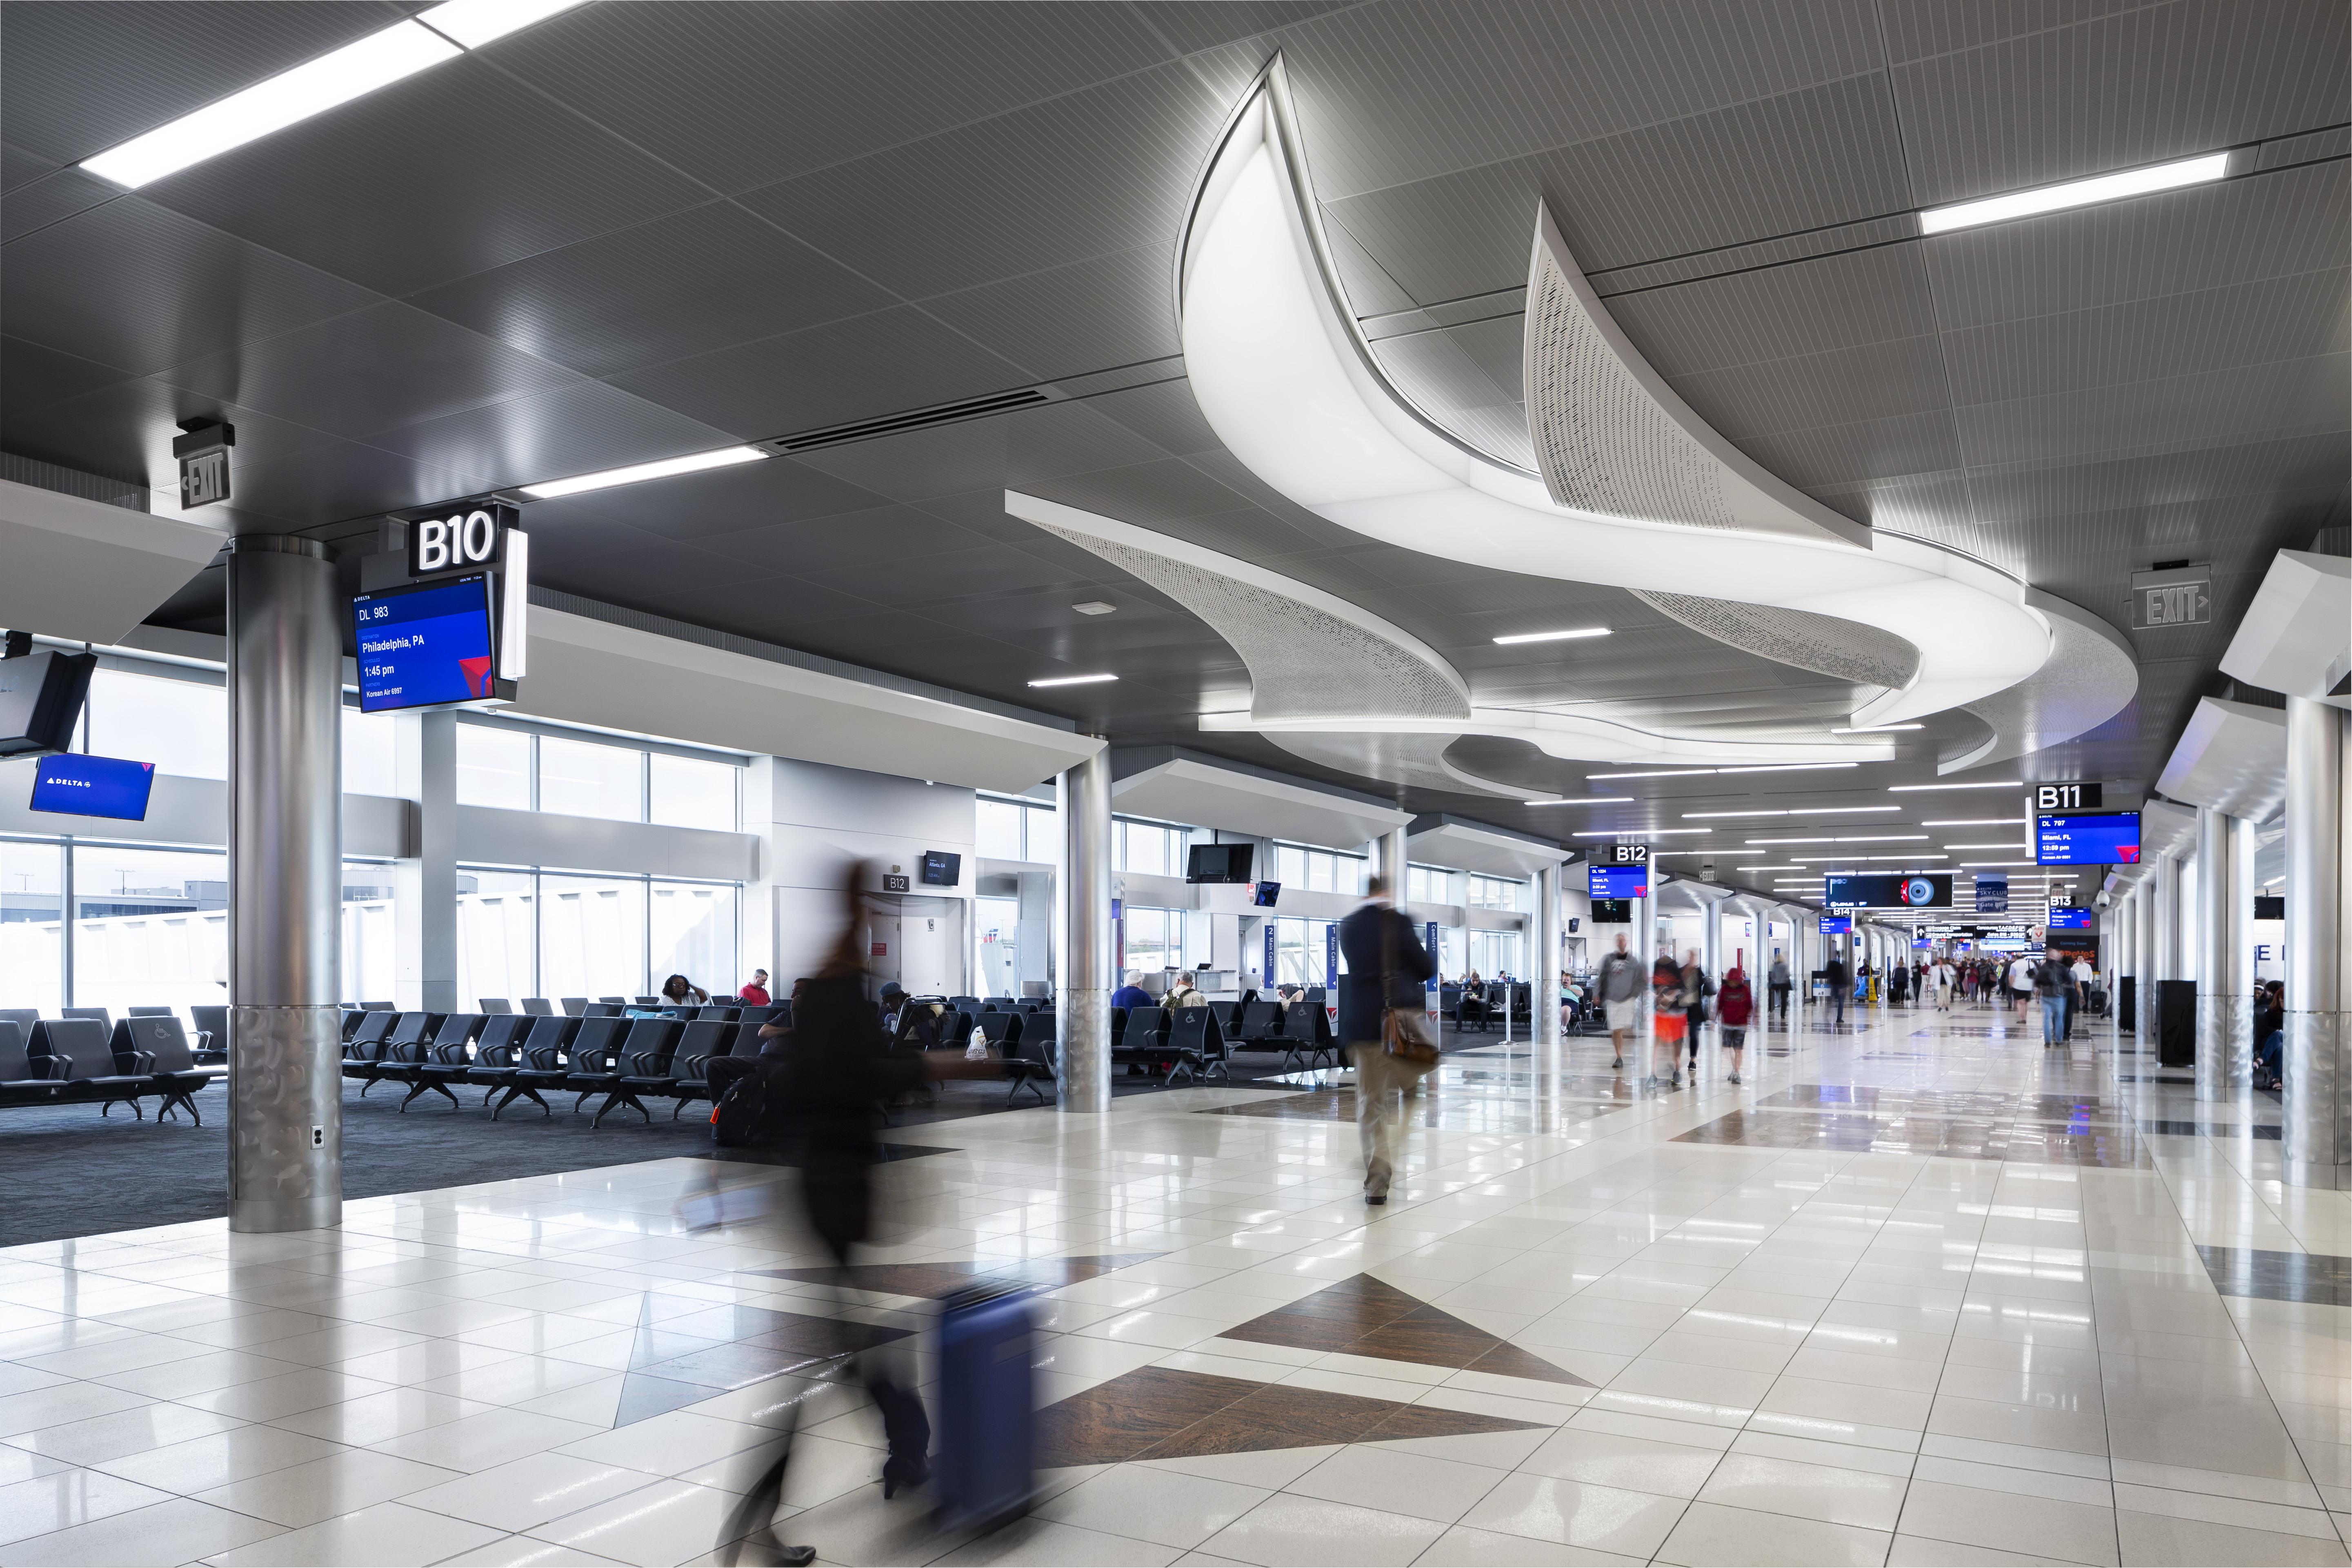 AtlantaAirport_04.17.19_0987